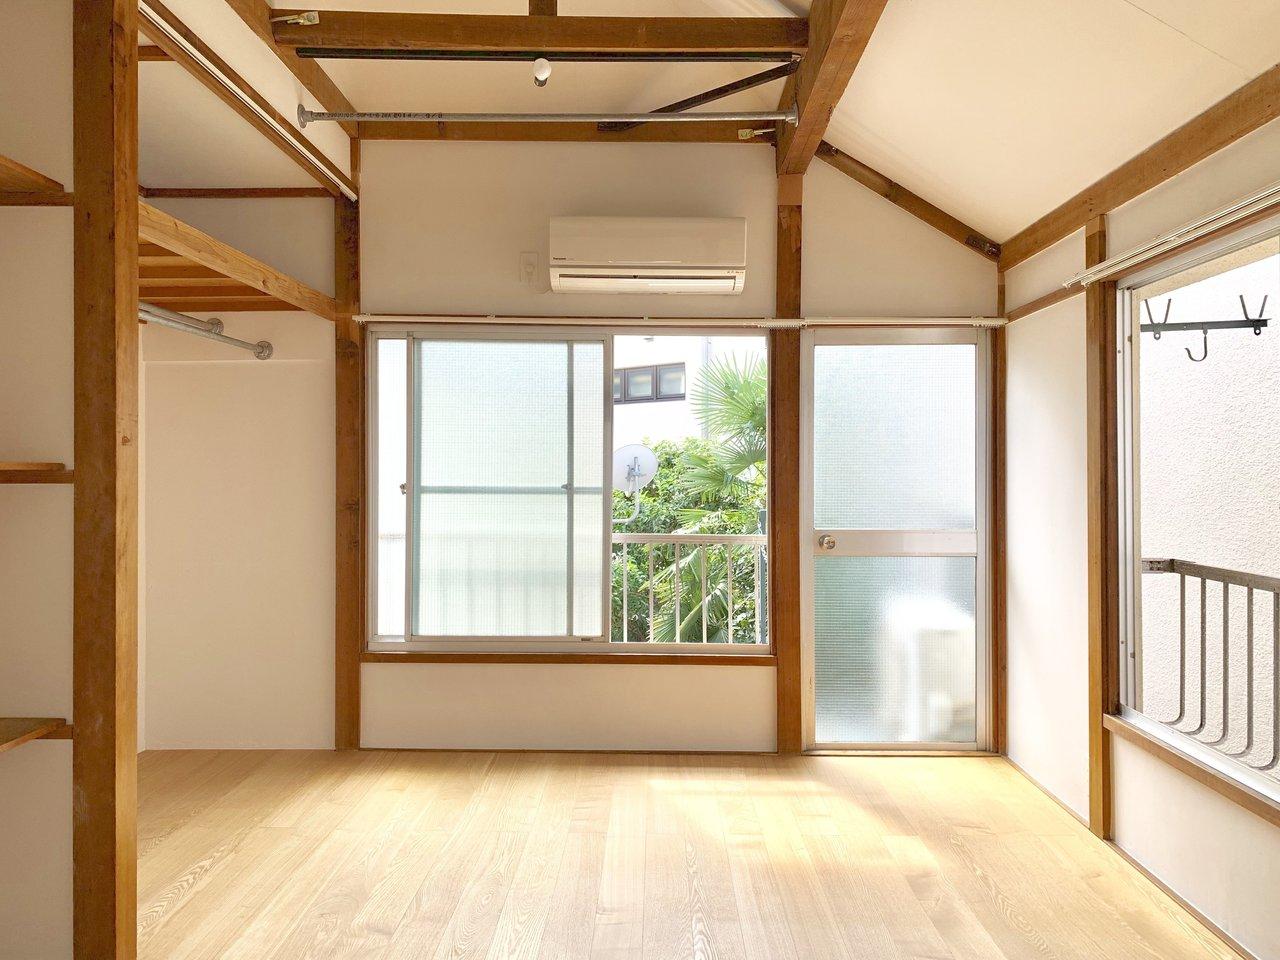 続いては、珍しい和テイストのお部屋のご紹介。目黒という都心の一等地にありながら、こうした和の雰囲気を感じられるというのは、なかなかギャップがあって素敵です。